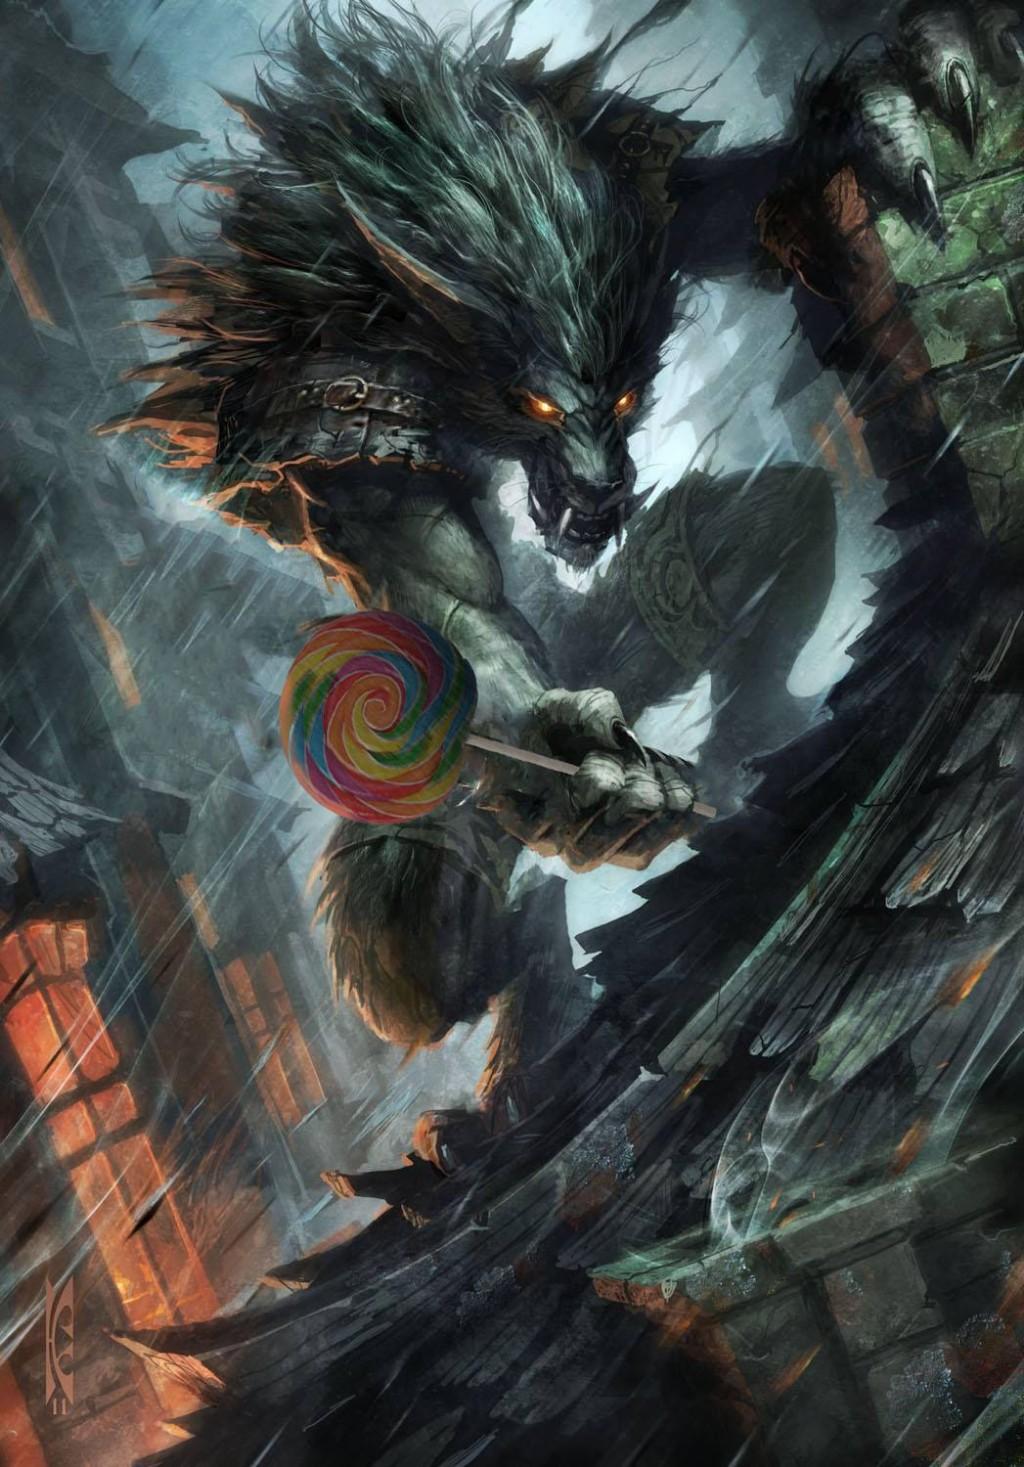 不满暴雪更换《炉石传说》原画 玩家开始搞笑和谐改图